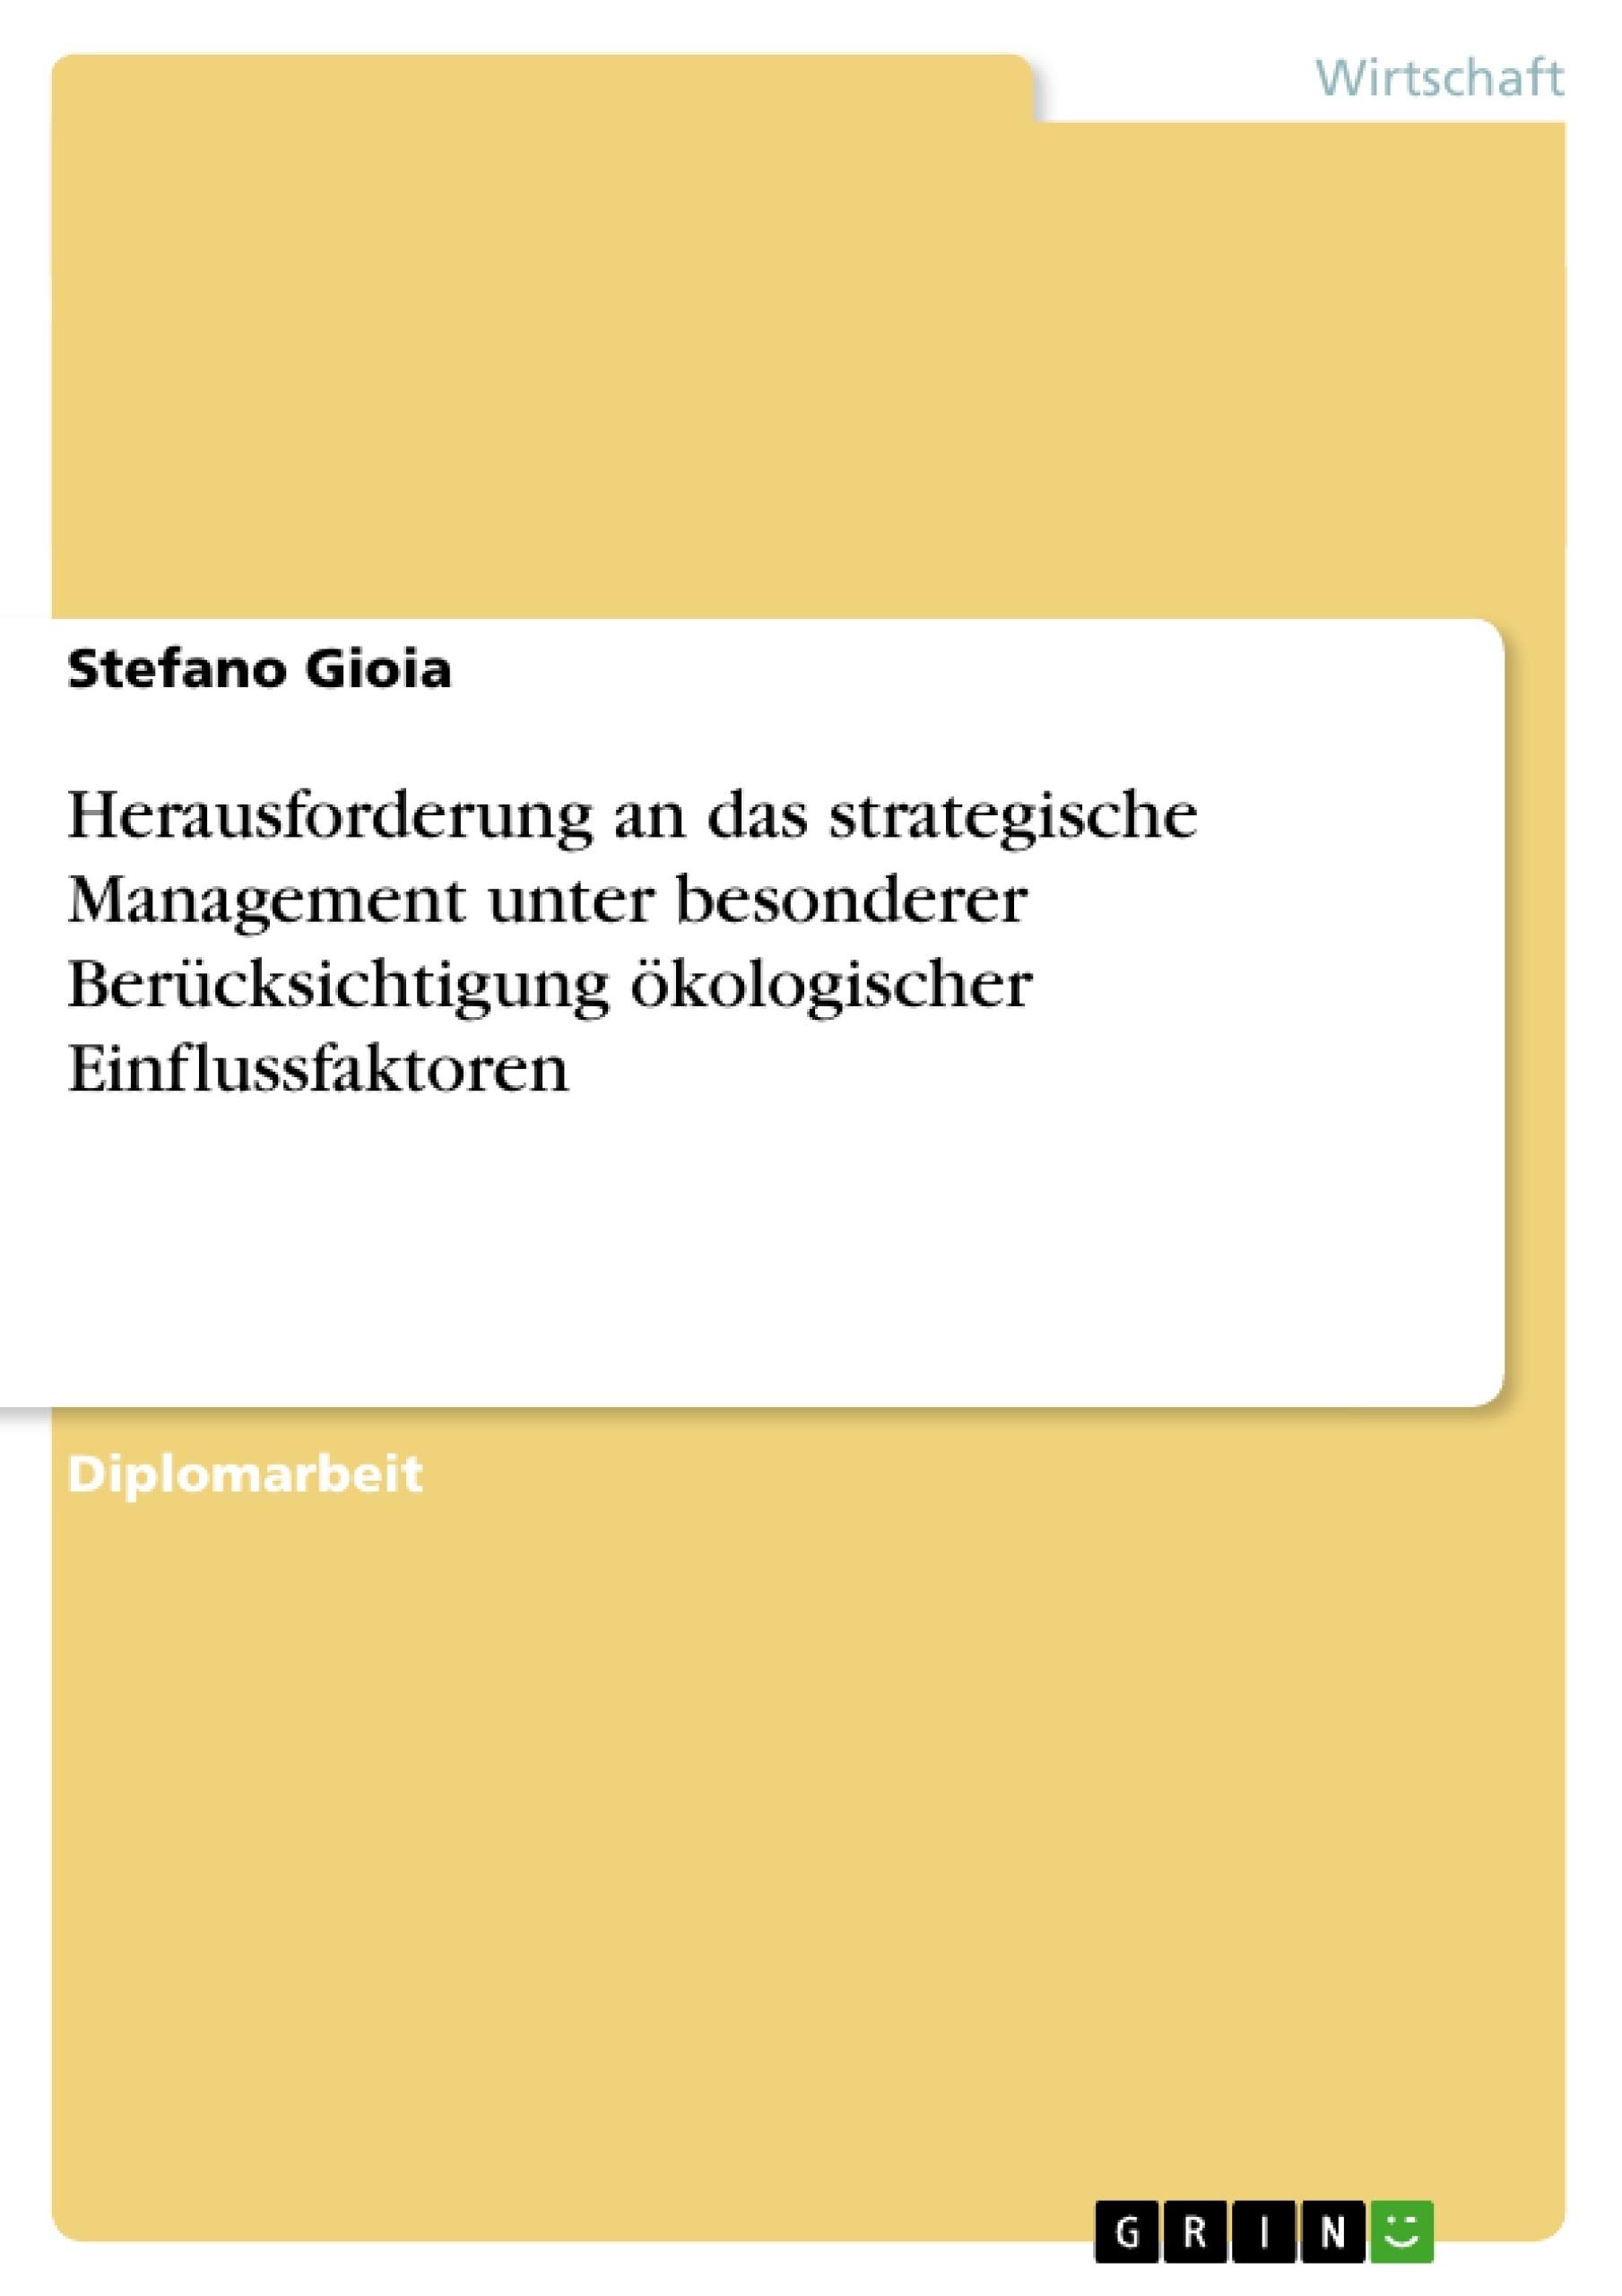 Titel: Herausforderung an das strategische Management unter besonderer Berücksichtigung ökologischer Einflussfaktoren